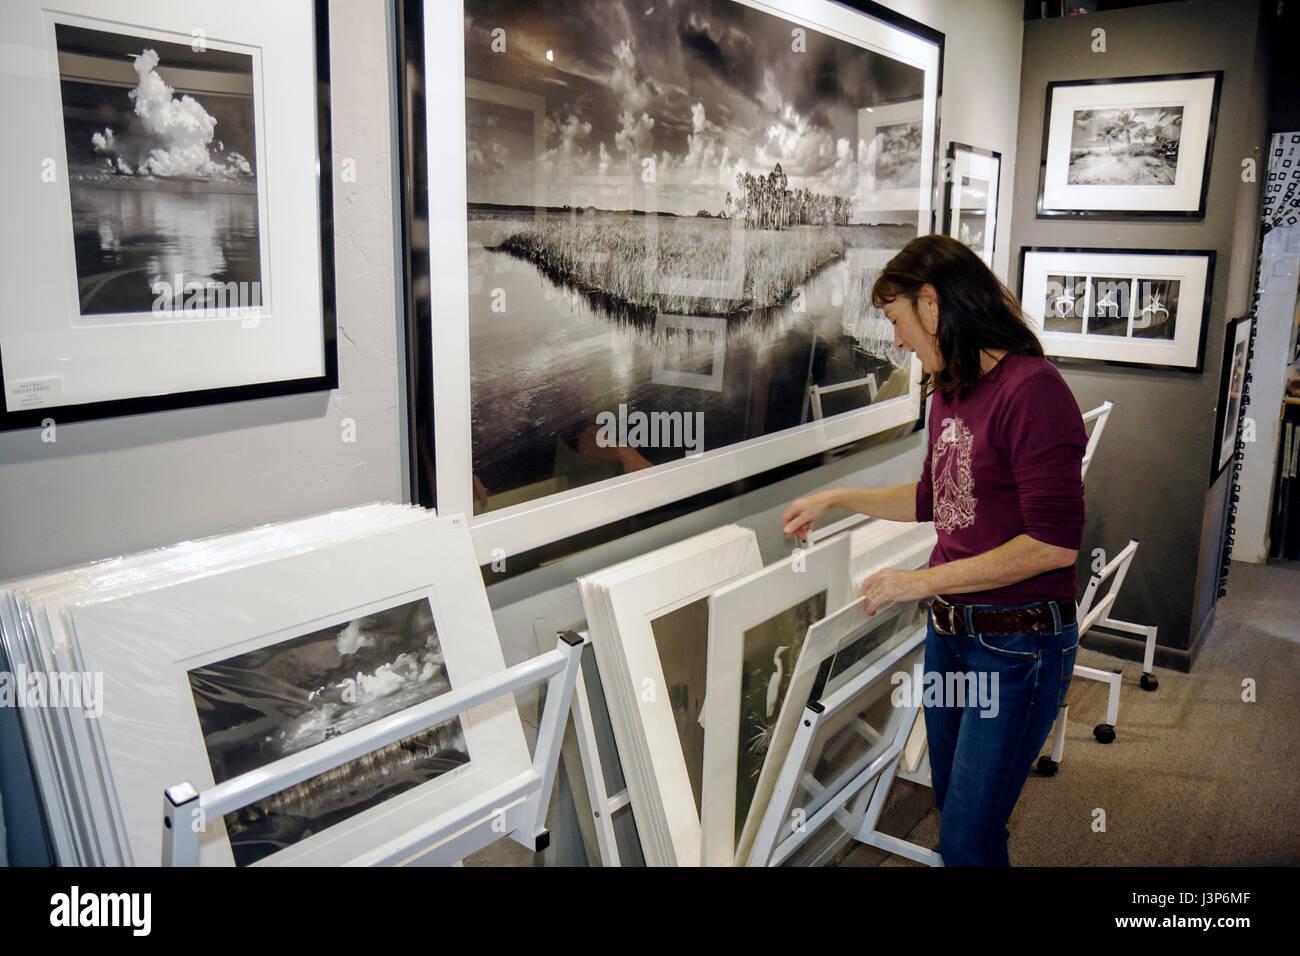 Florida, FL, Sur, los Everglades, Ochopee, Tamiami Trail, Big Cypress Gallery, Clyde Butcher, fotografía en blanco y negro, fotógrafo, paisaje, Foto de stock